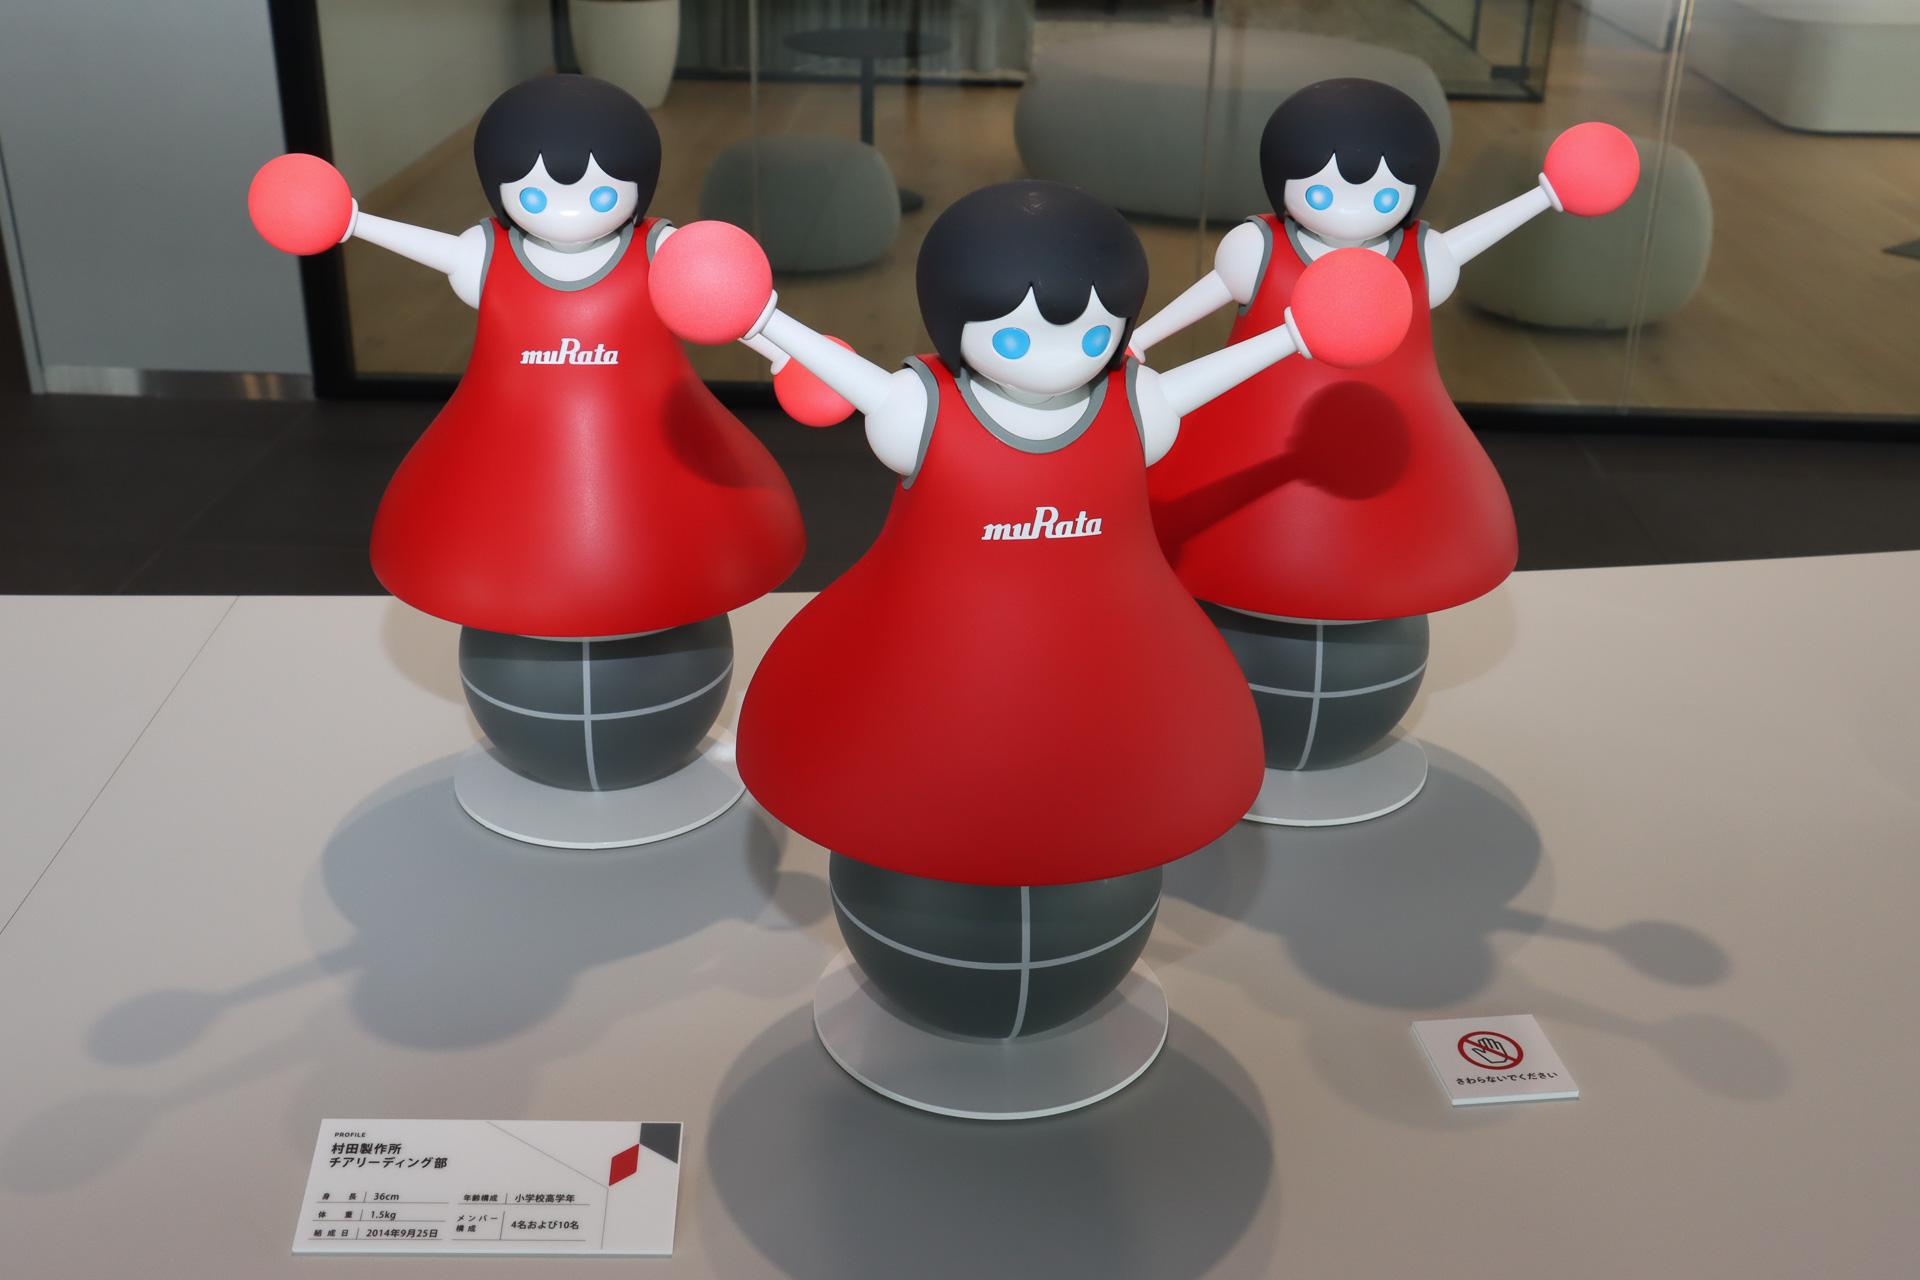 みなとみらいイノベーションセンターのエントランスでは「村田製作所 チアリーディング部」「ムラタセイサク君」が出迎えてくれた